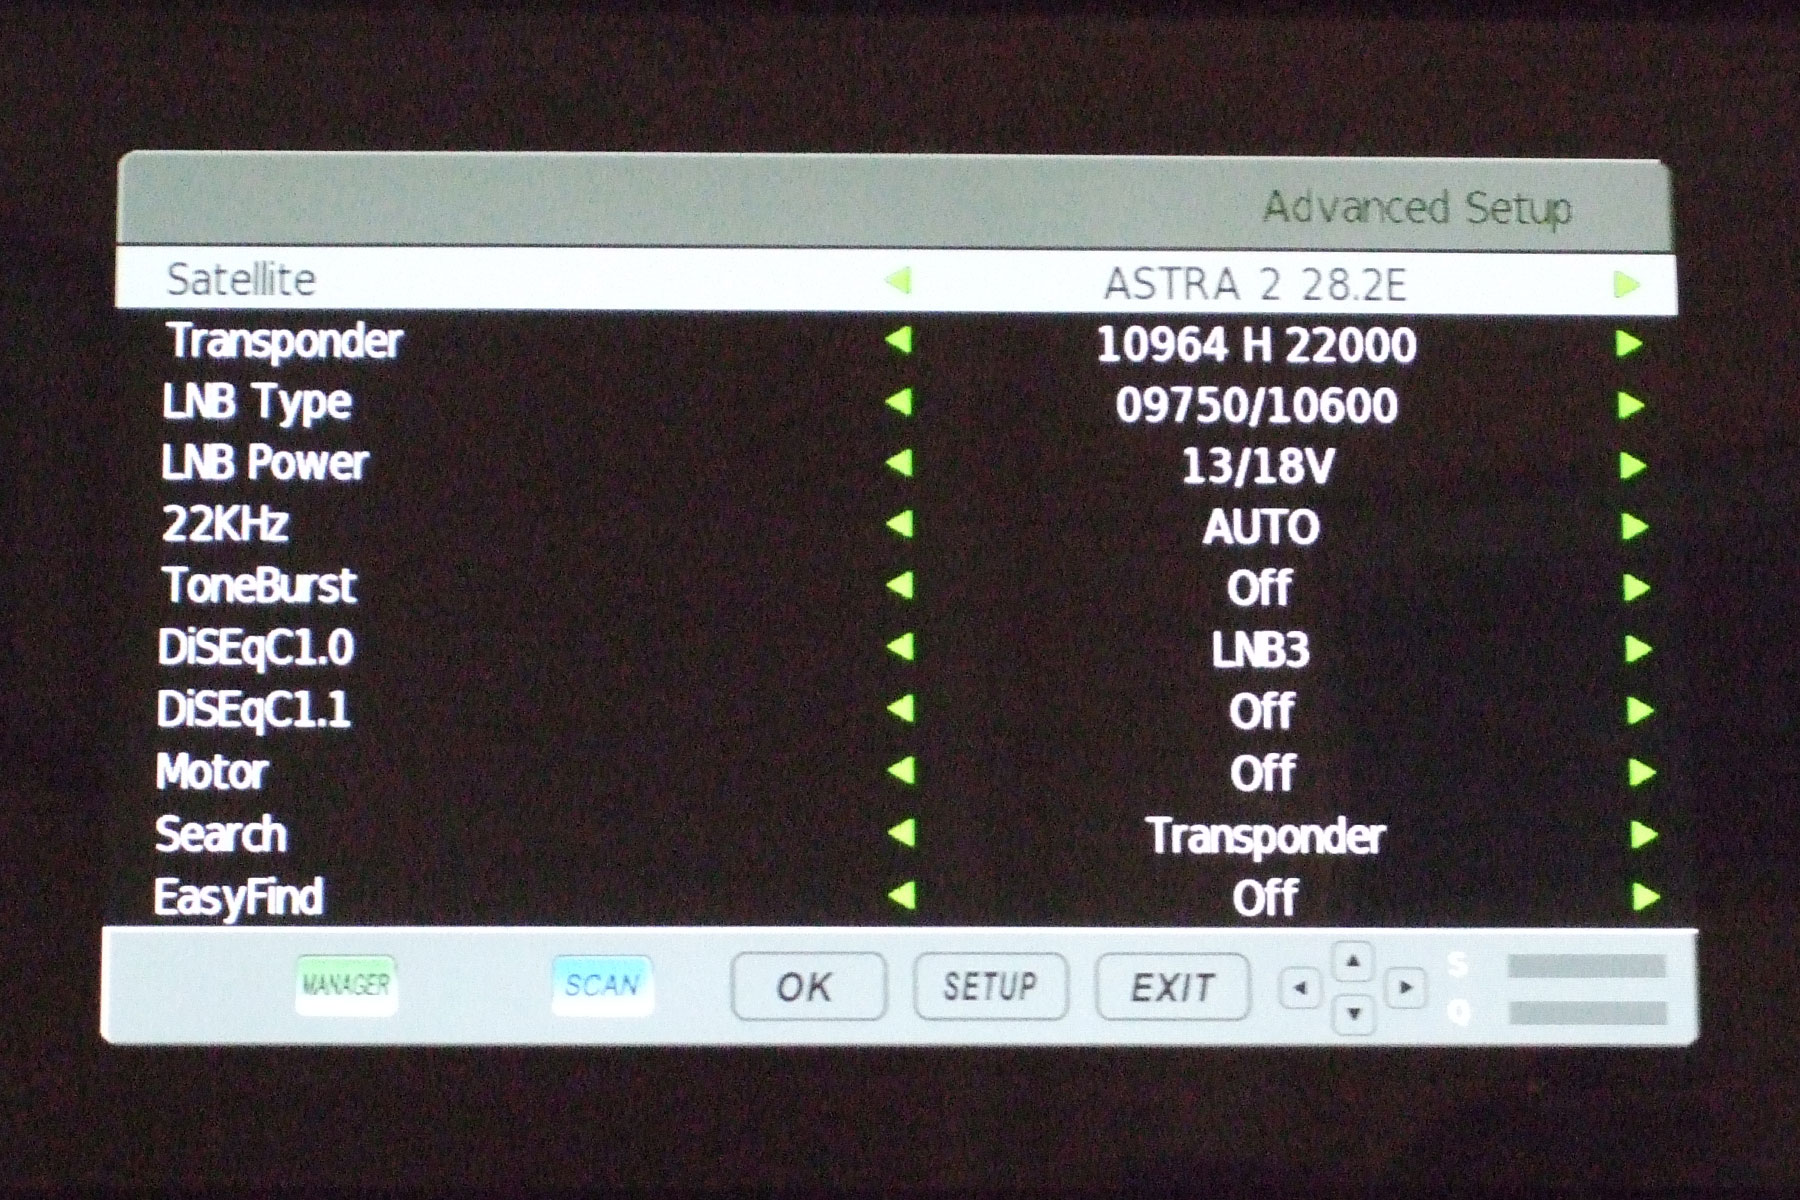 Astra 19 2 Transponder Einstellen